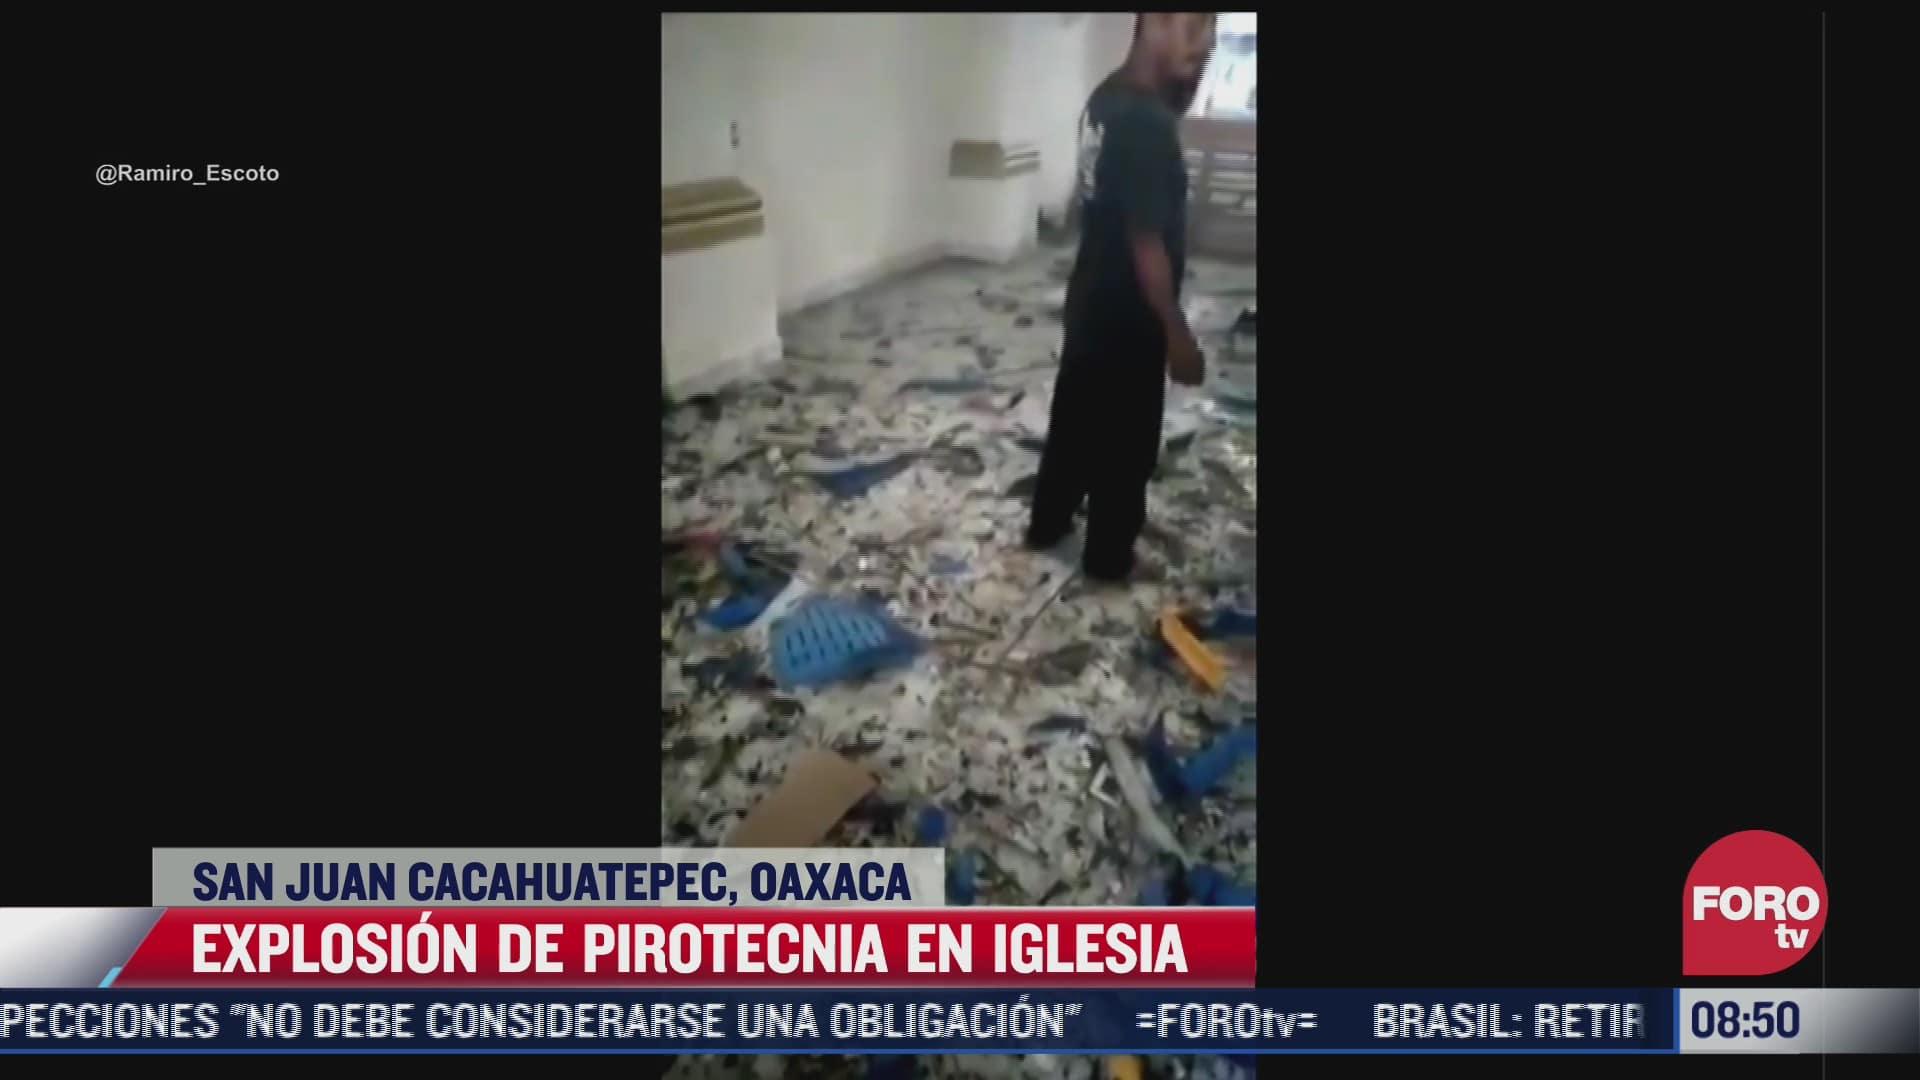 se registra explosion de pirotecnia en una iglesia en buenavista oaxaca